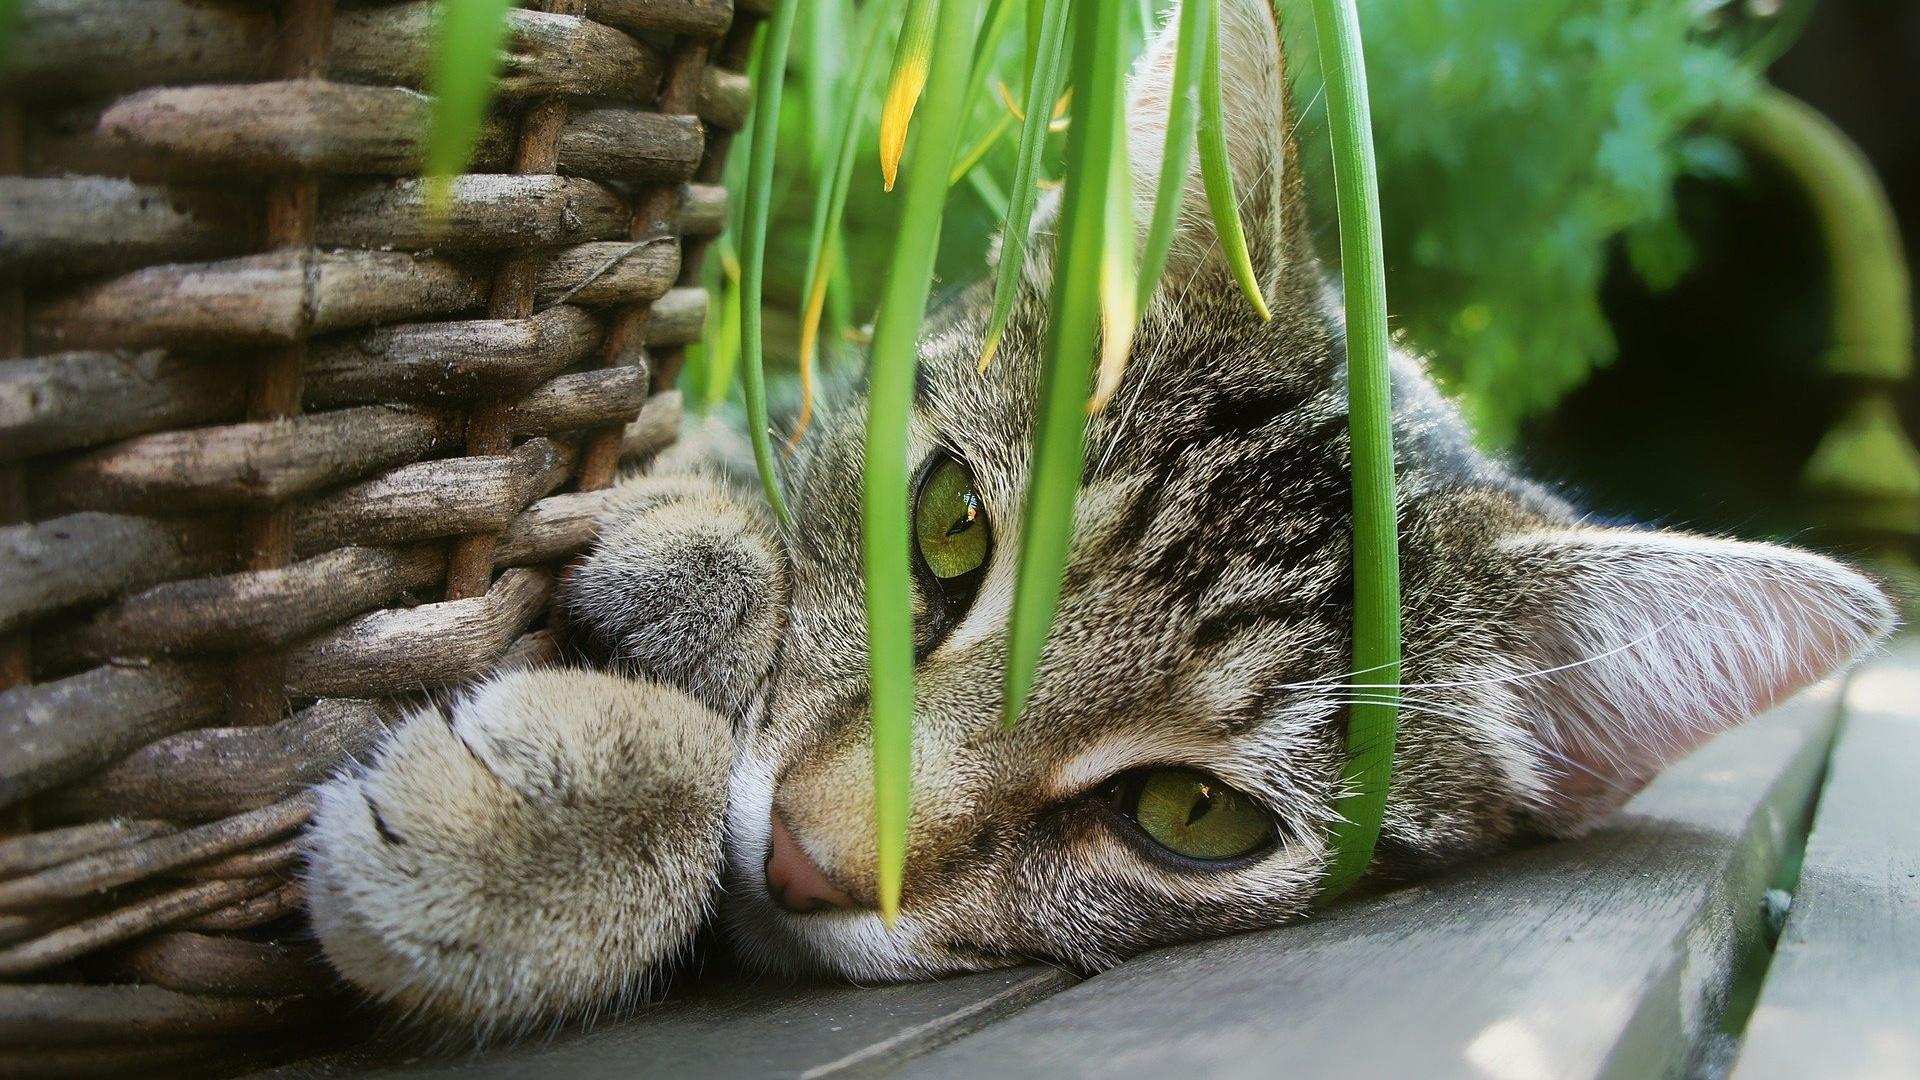 Katze abgeben im Tierheim: Gründe und wie Sie die Abgabe vermeiden